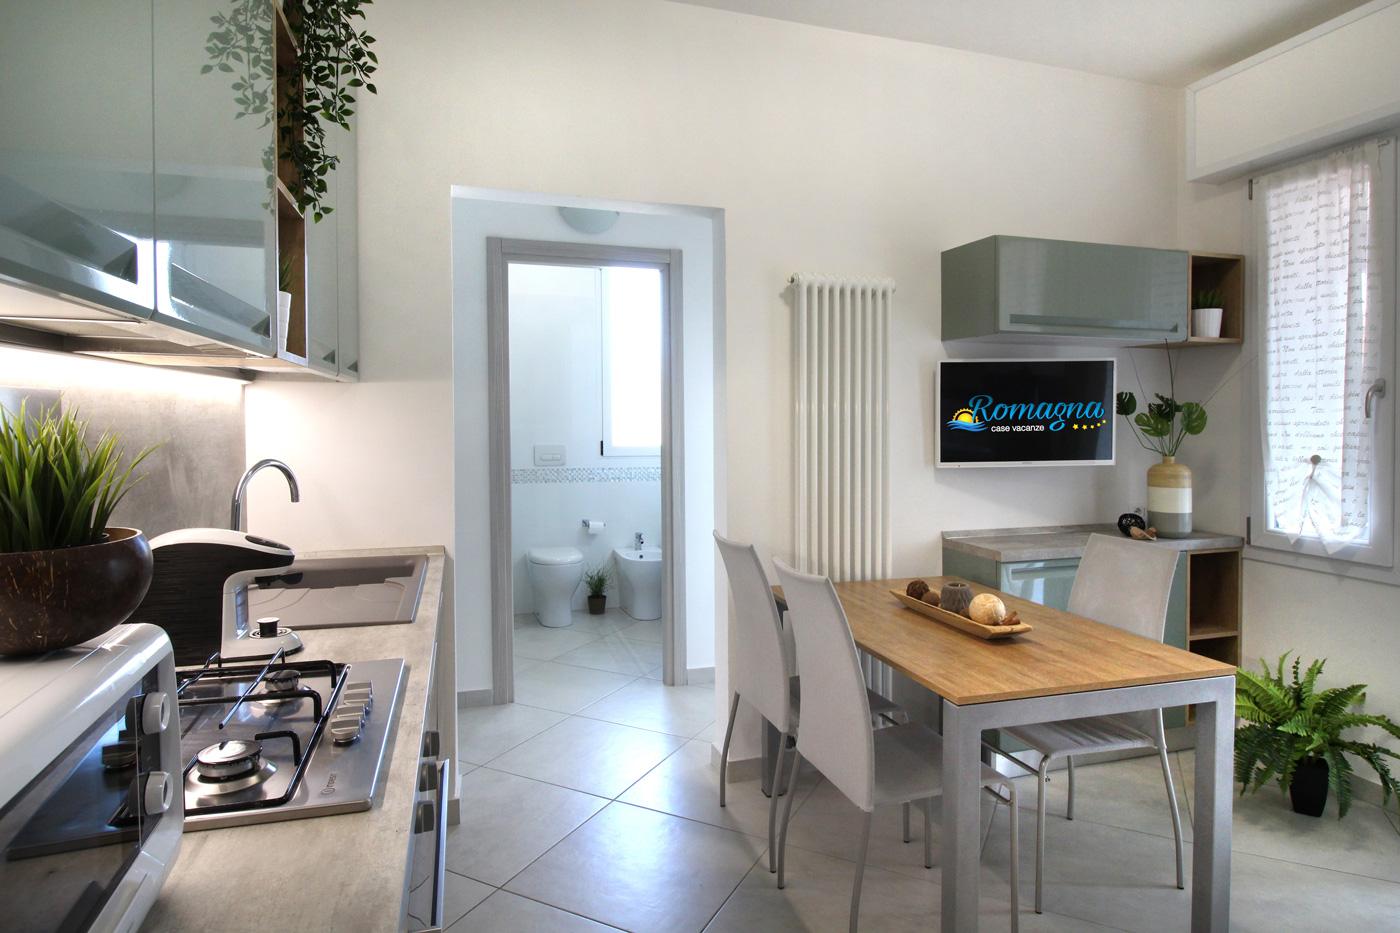 Appartamento Sofia_Romagna case vacanze_Gatteo mare_San mauro_9618